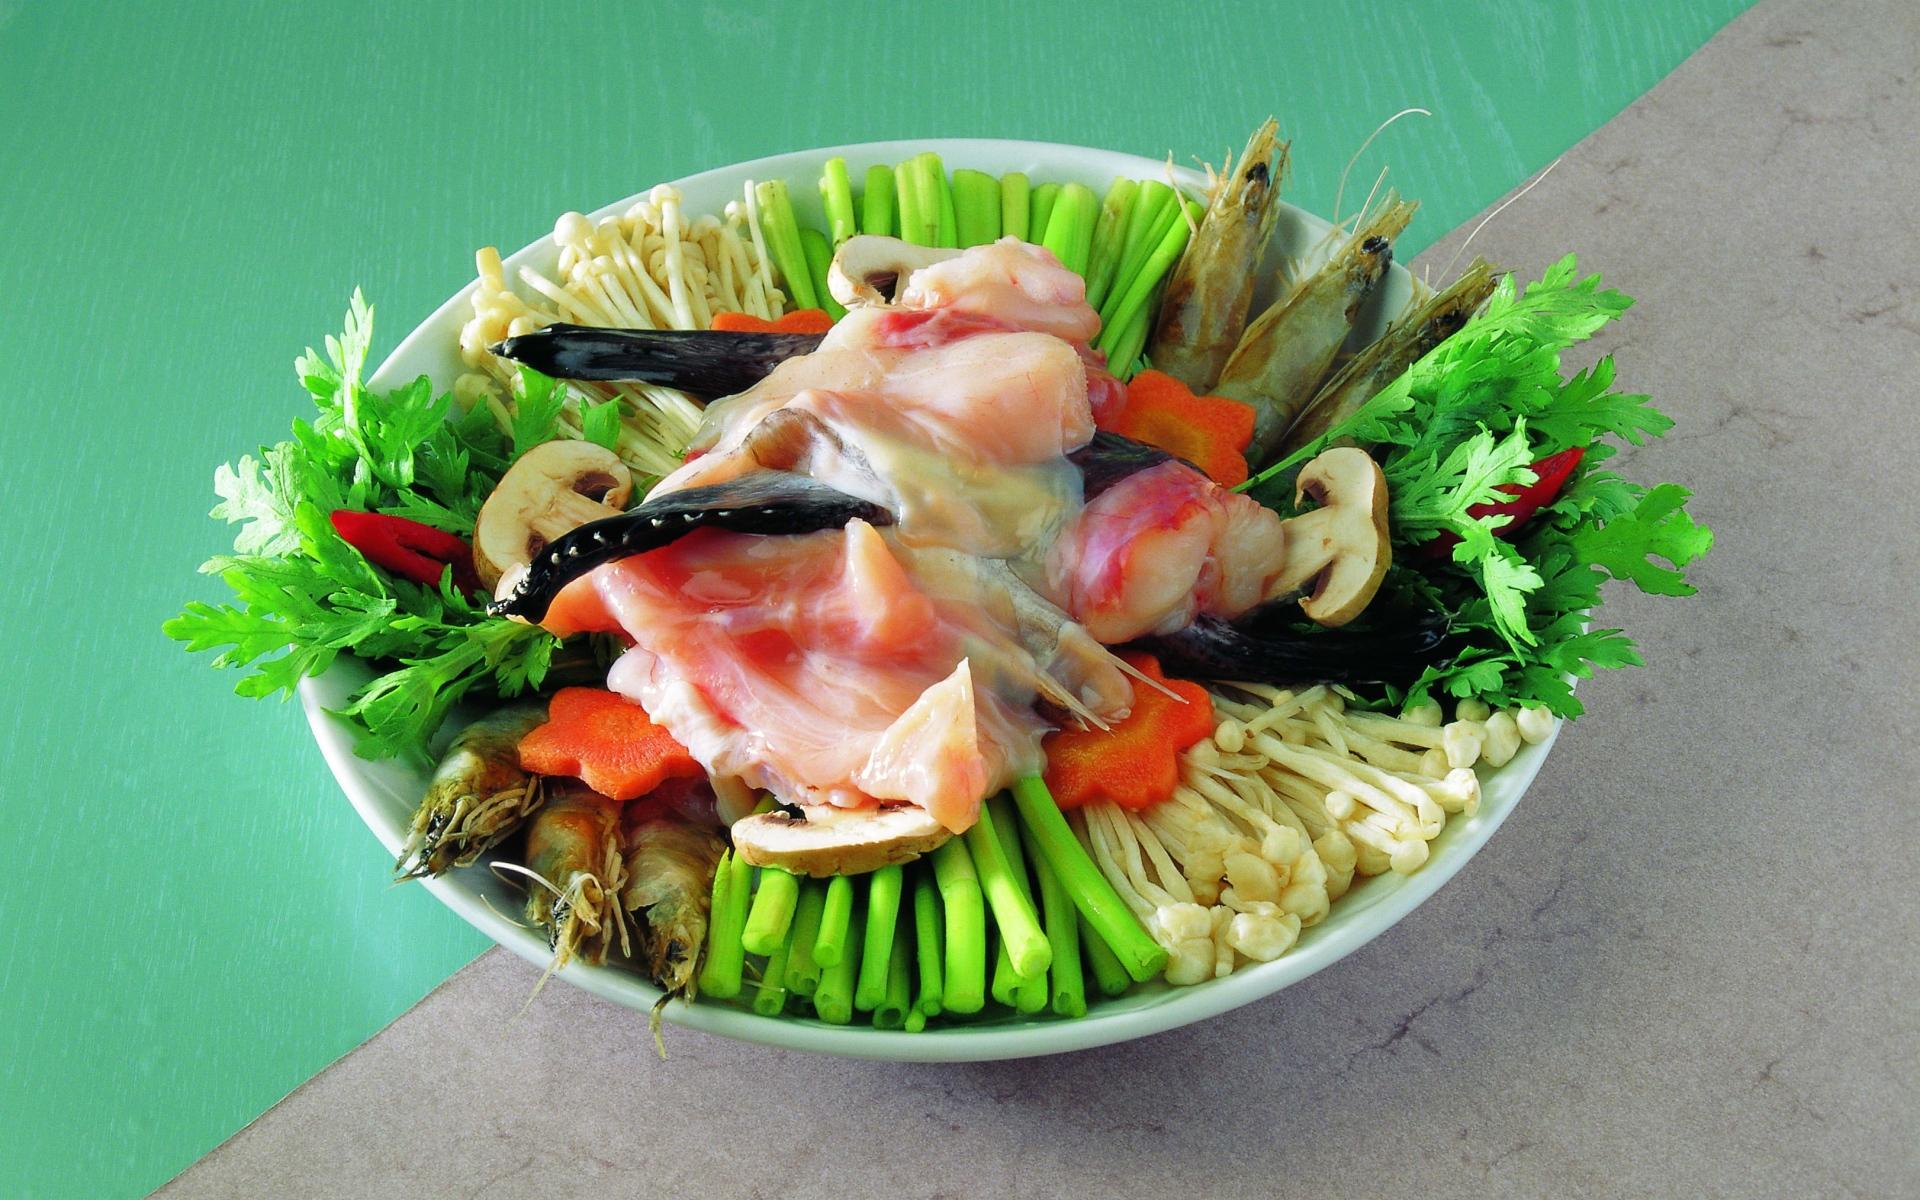 Картинки Блюдо, грибы, овощи, морепродукты фото и обои на рабочий стол